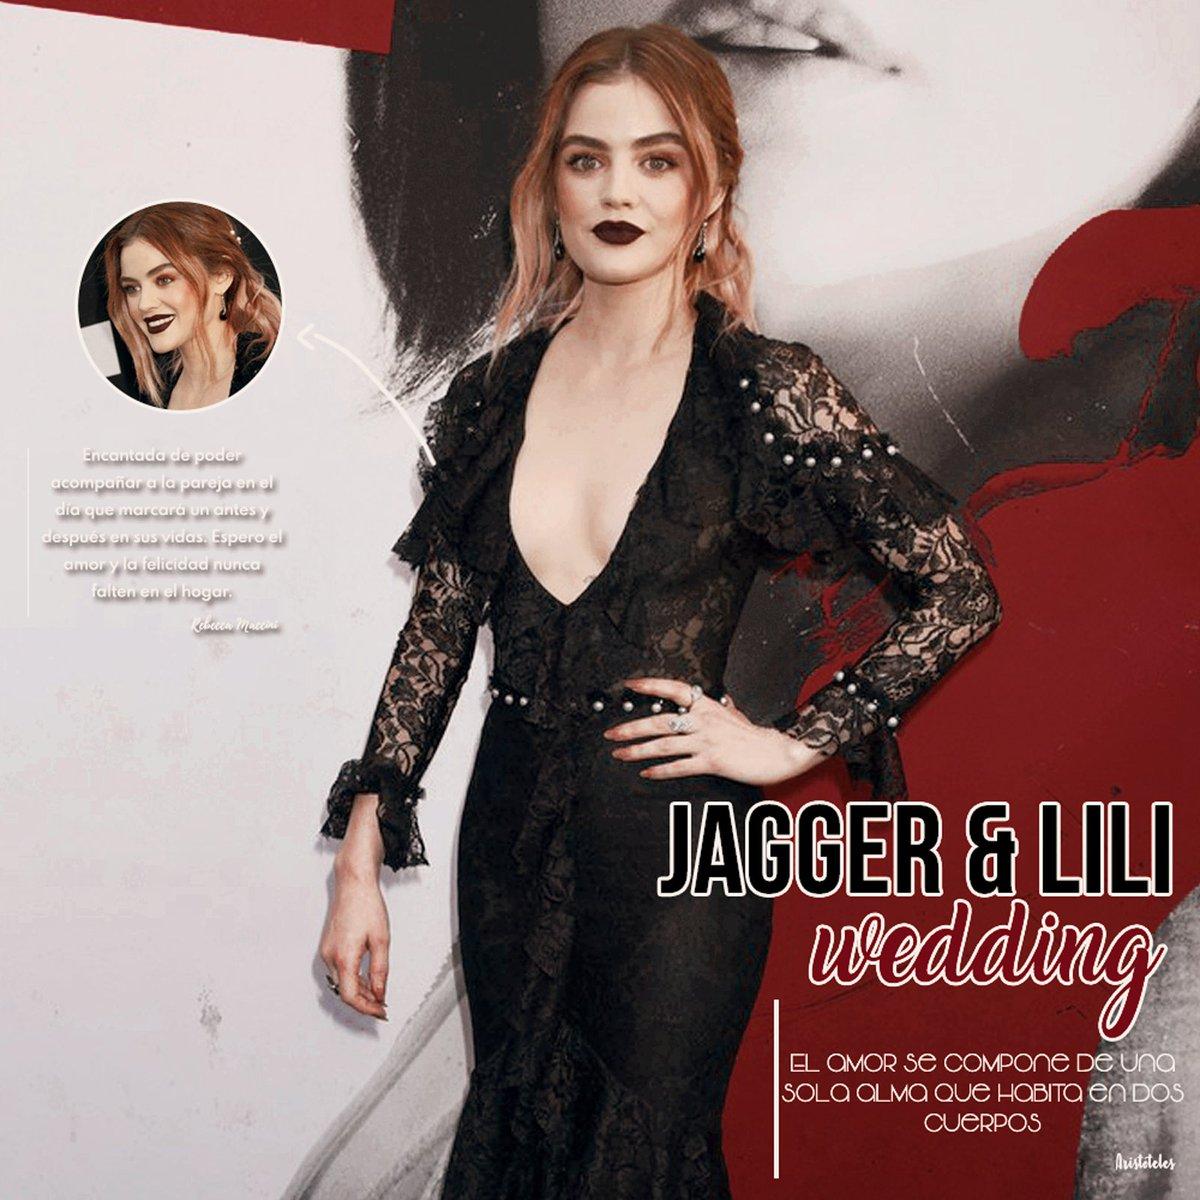 💑┊#MyggerTakesPuertoRico  Ver a Jągger ahí, en el altar, con una mujer tan grandiosa como lo es Lili me hizo querer gritar de pura felicidad.   Amé el poder acompañarlos en un día tan importante, sean felices siempre y ríanse todo el tiempo, que la vida así es más bella.